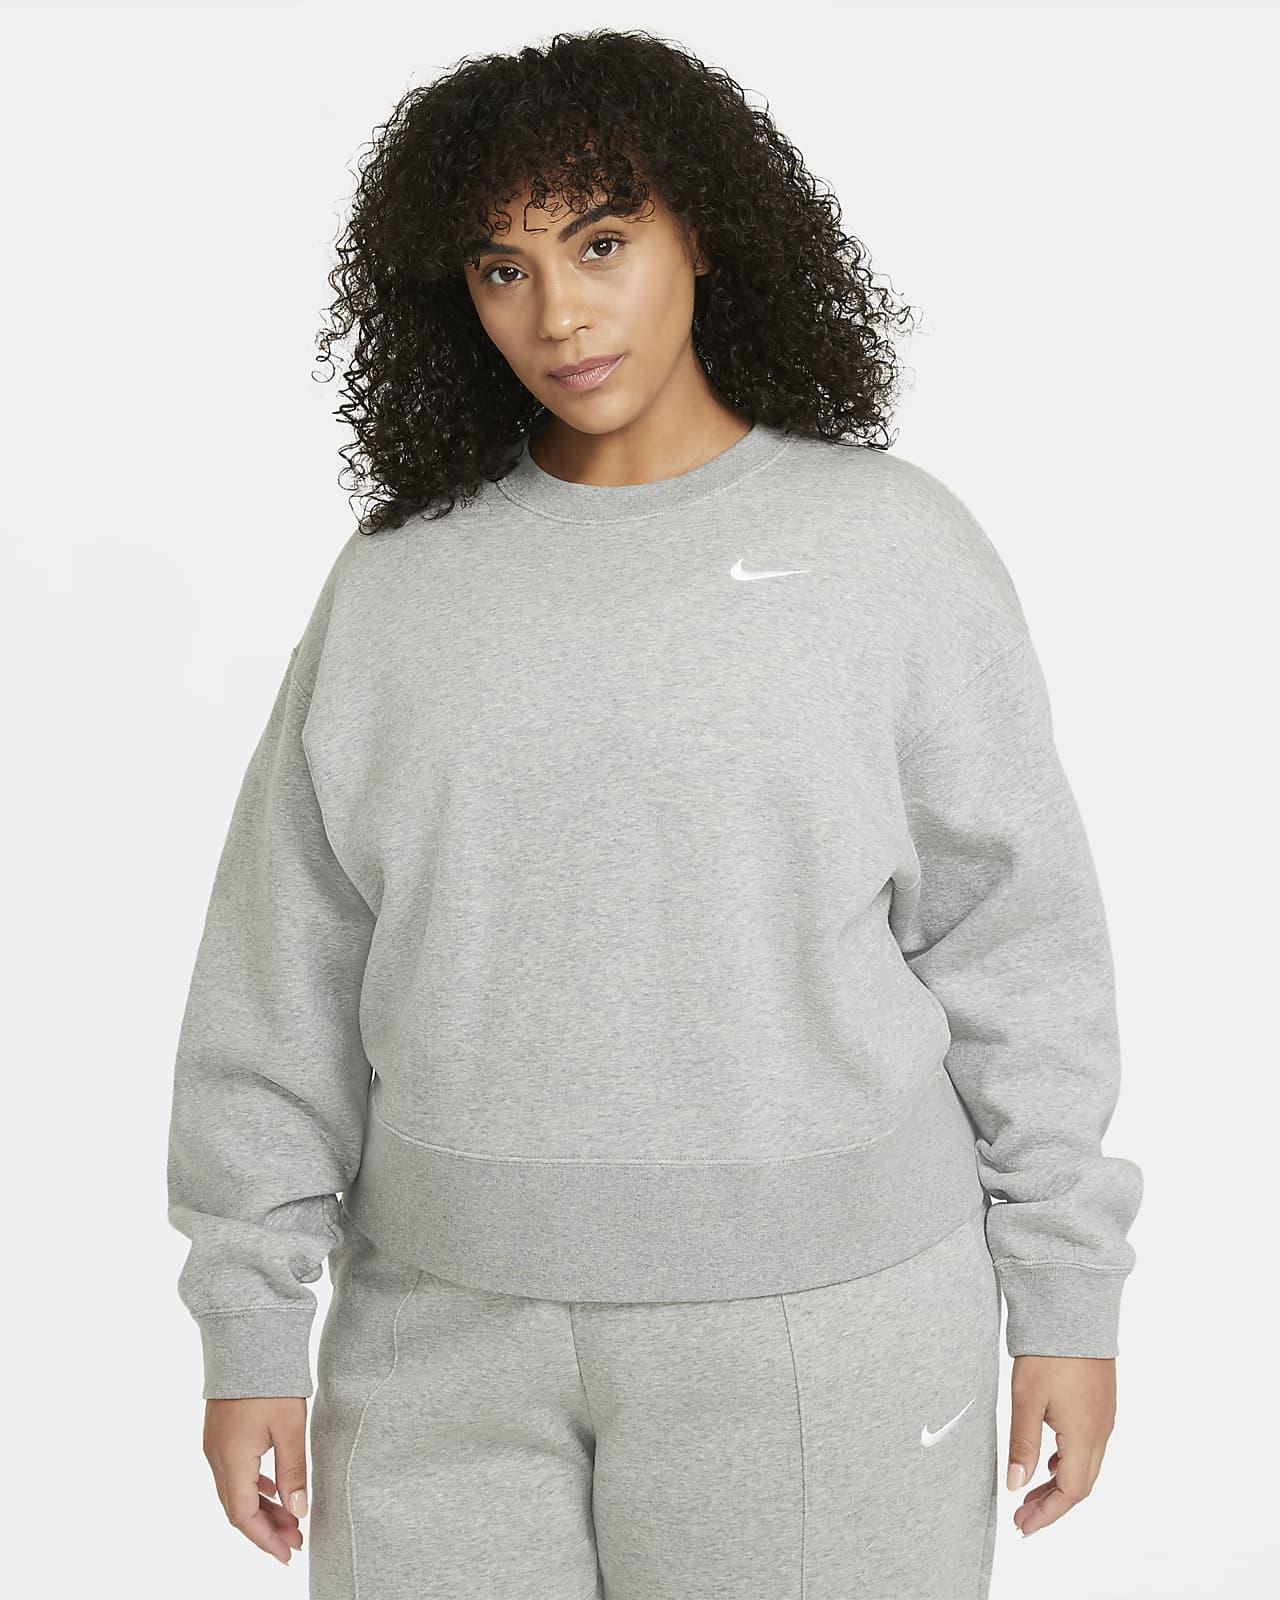 Bluza damska Nike Sportswear Essential (duże rozmiary)